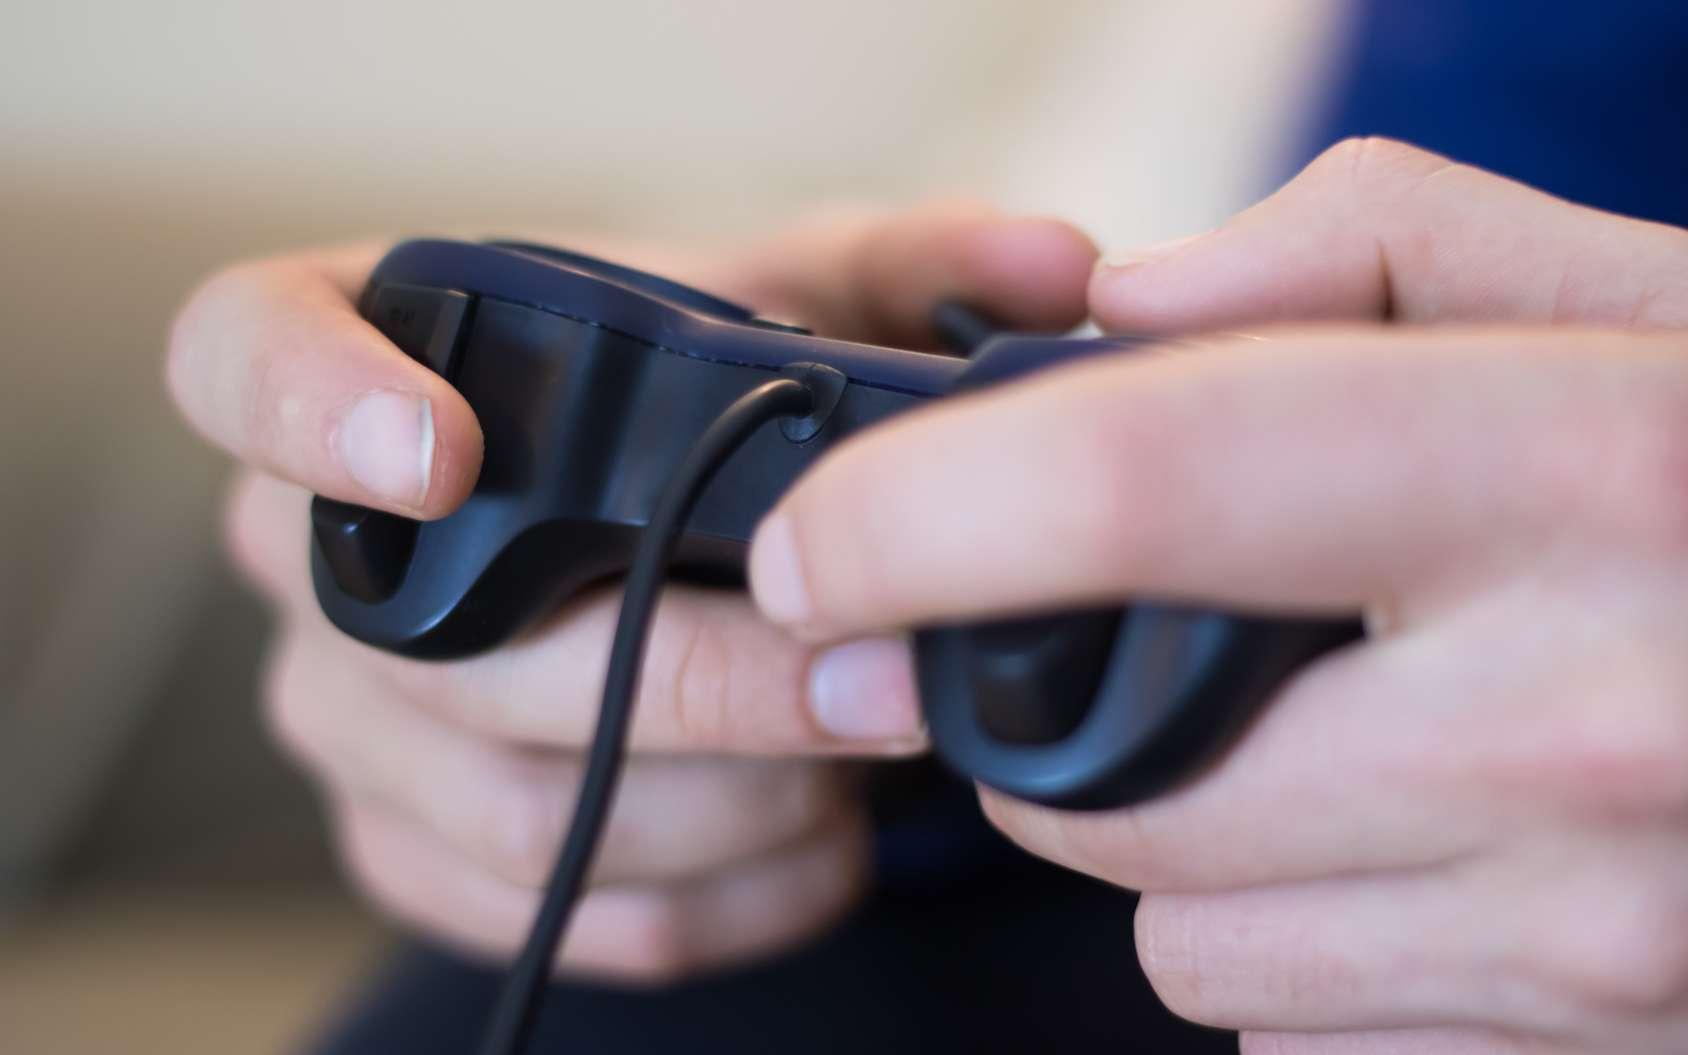 L'avenir des jeux est-il dans notre estomac ? © Josephsjacobs, Fotolia